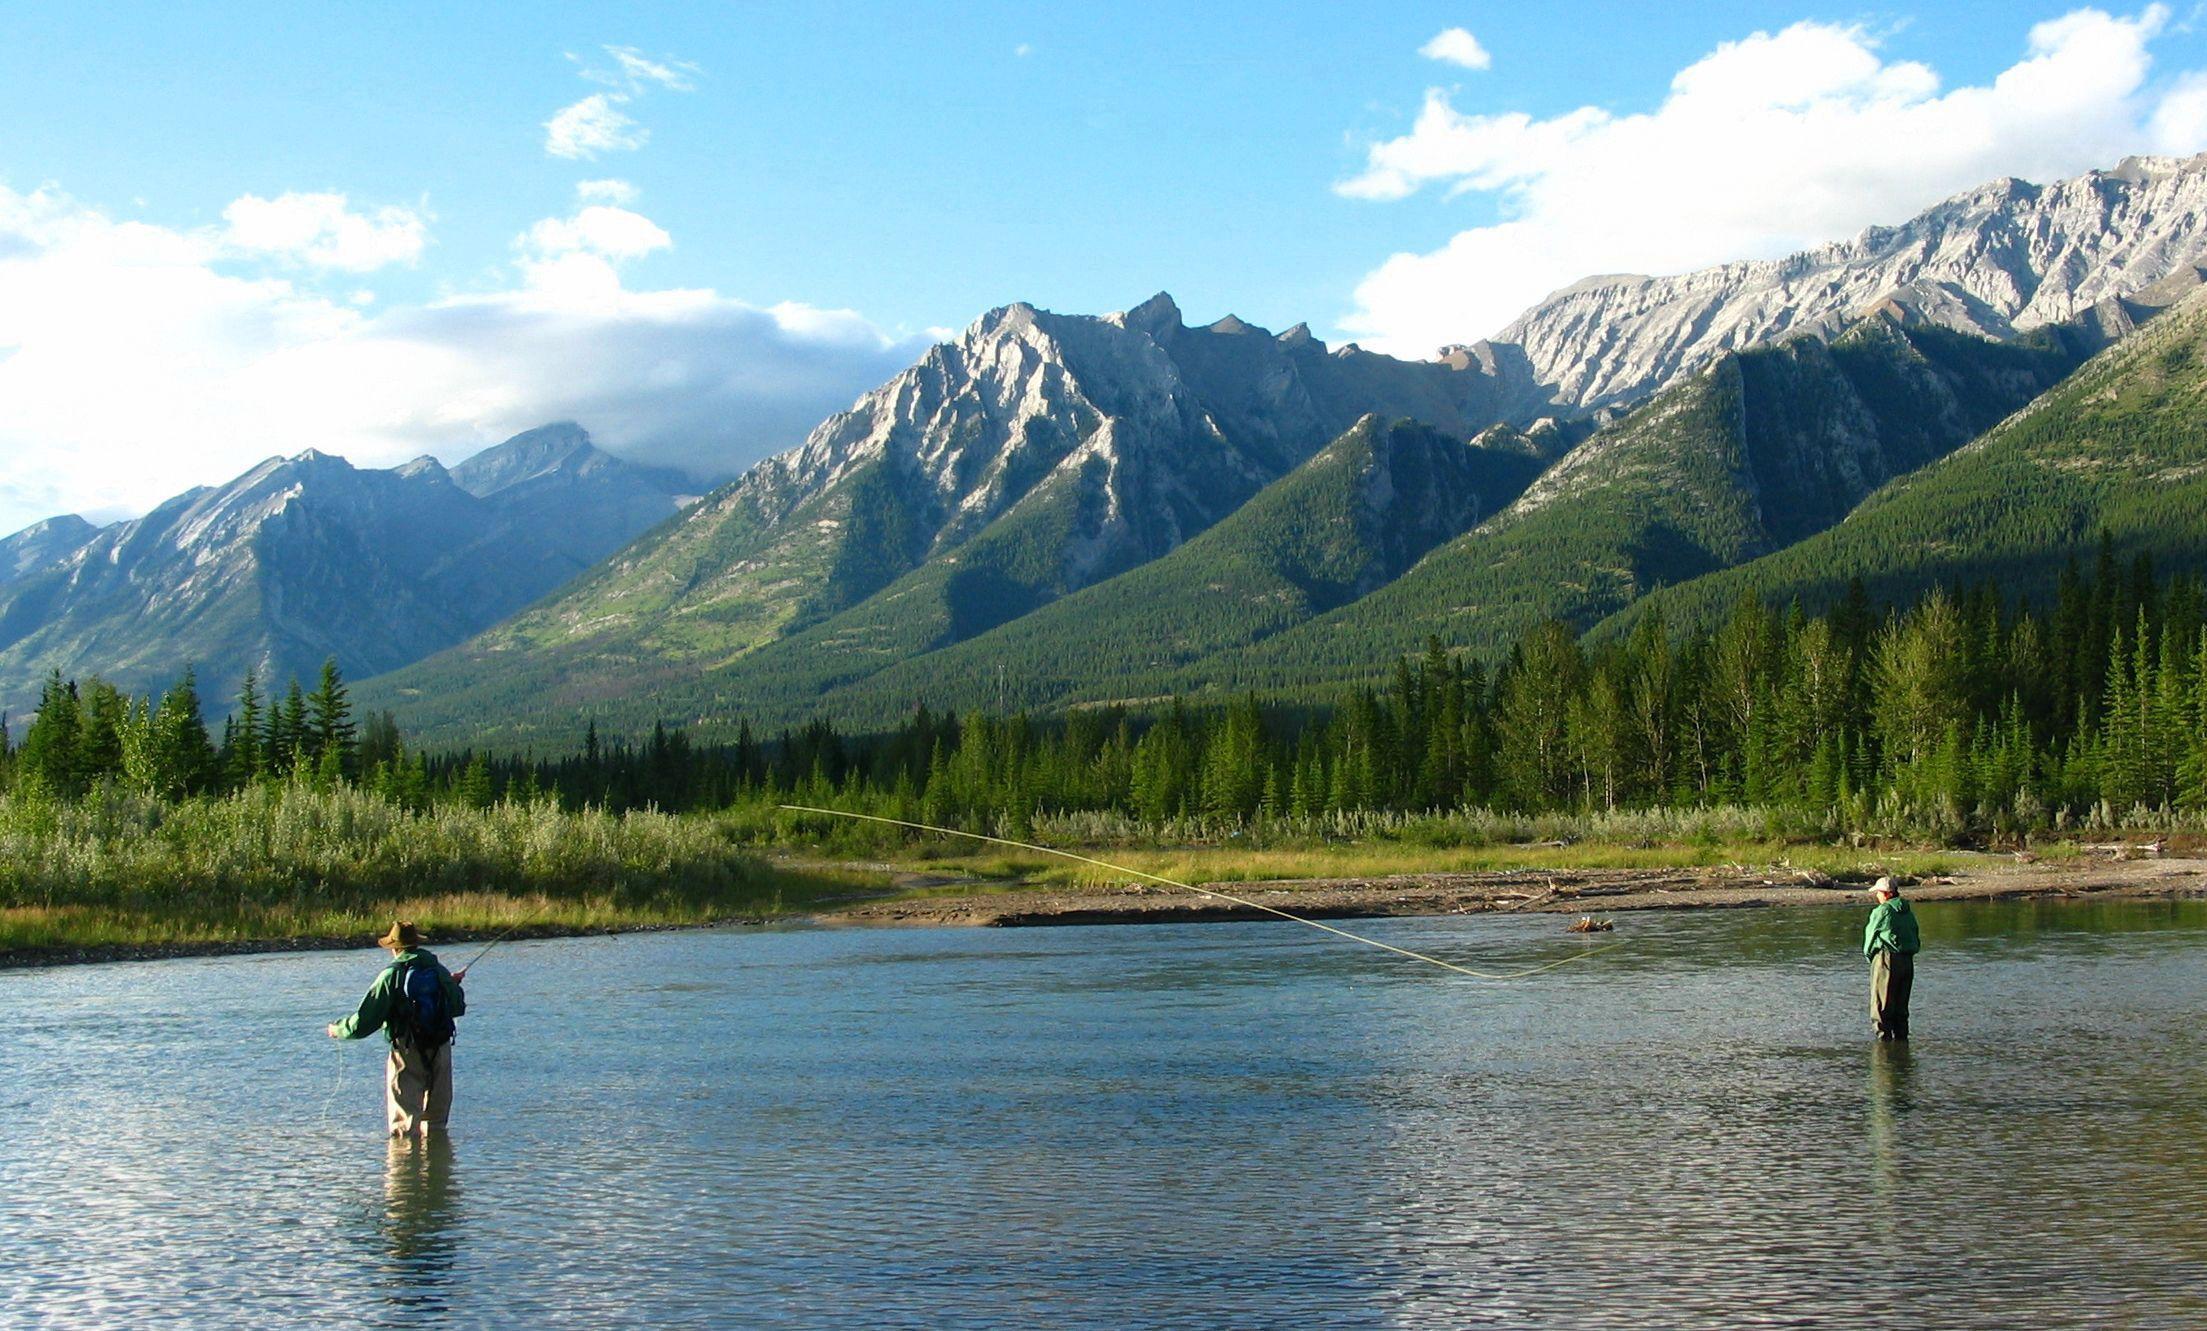 Banff Fly Fishing Trips Fishing Tours Fly Fishing Nymphs Fishing Trip